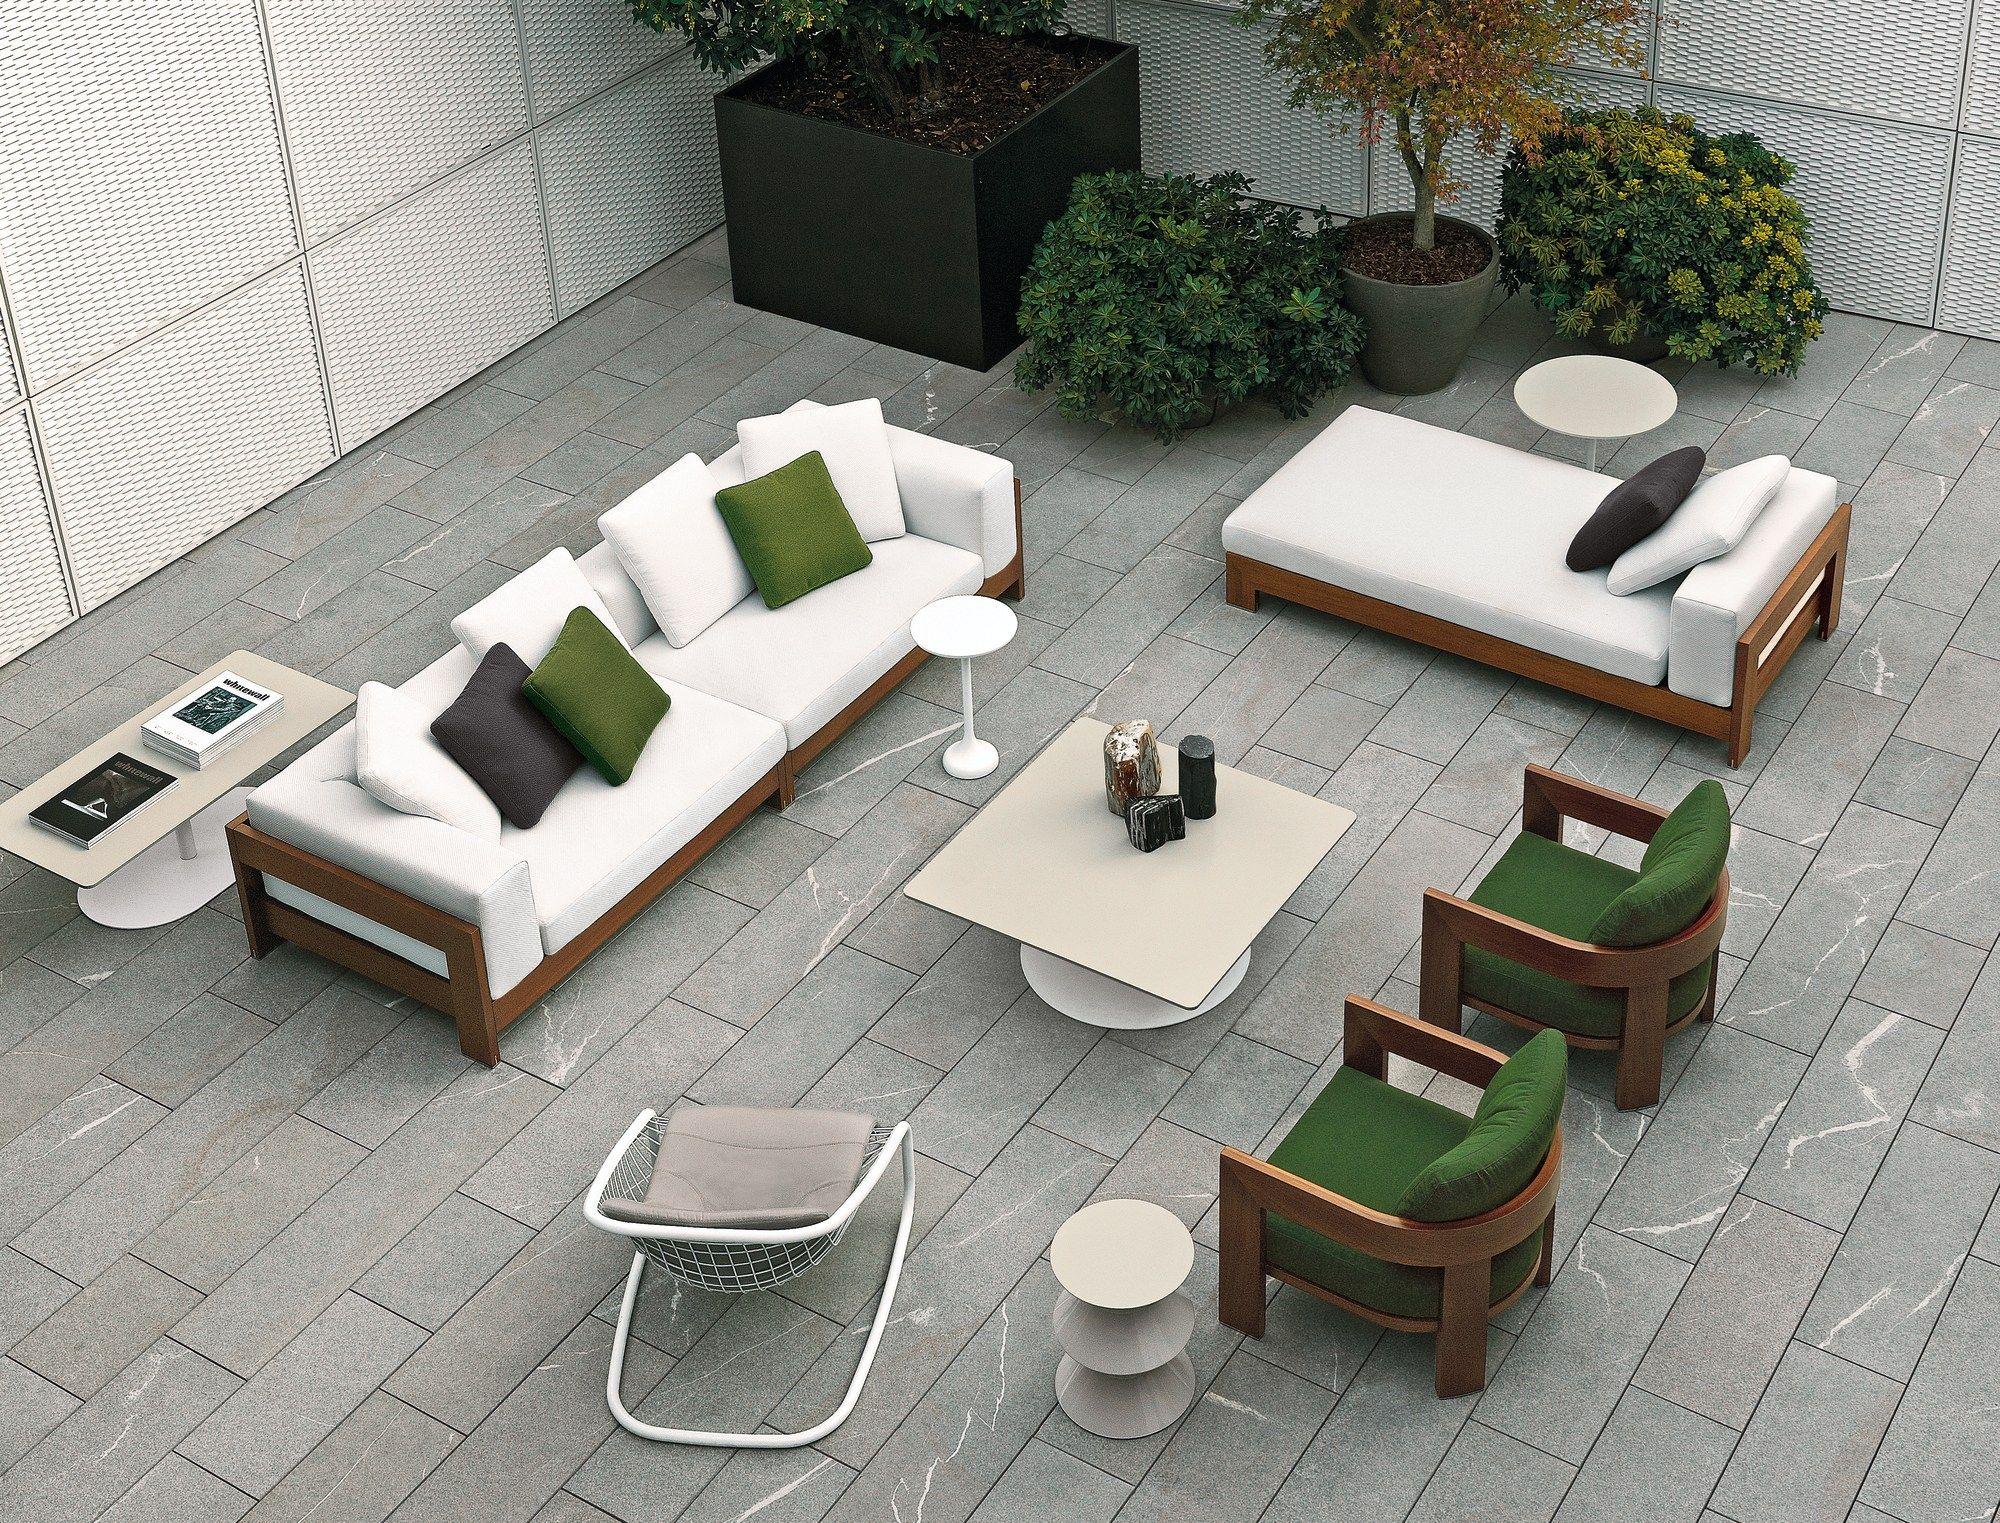 Alison iroko outdoor by minotti design roberto minotti - Divani esterno ikea ...